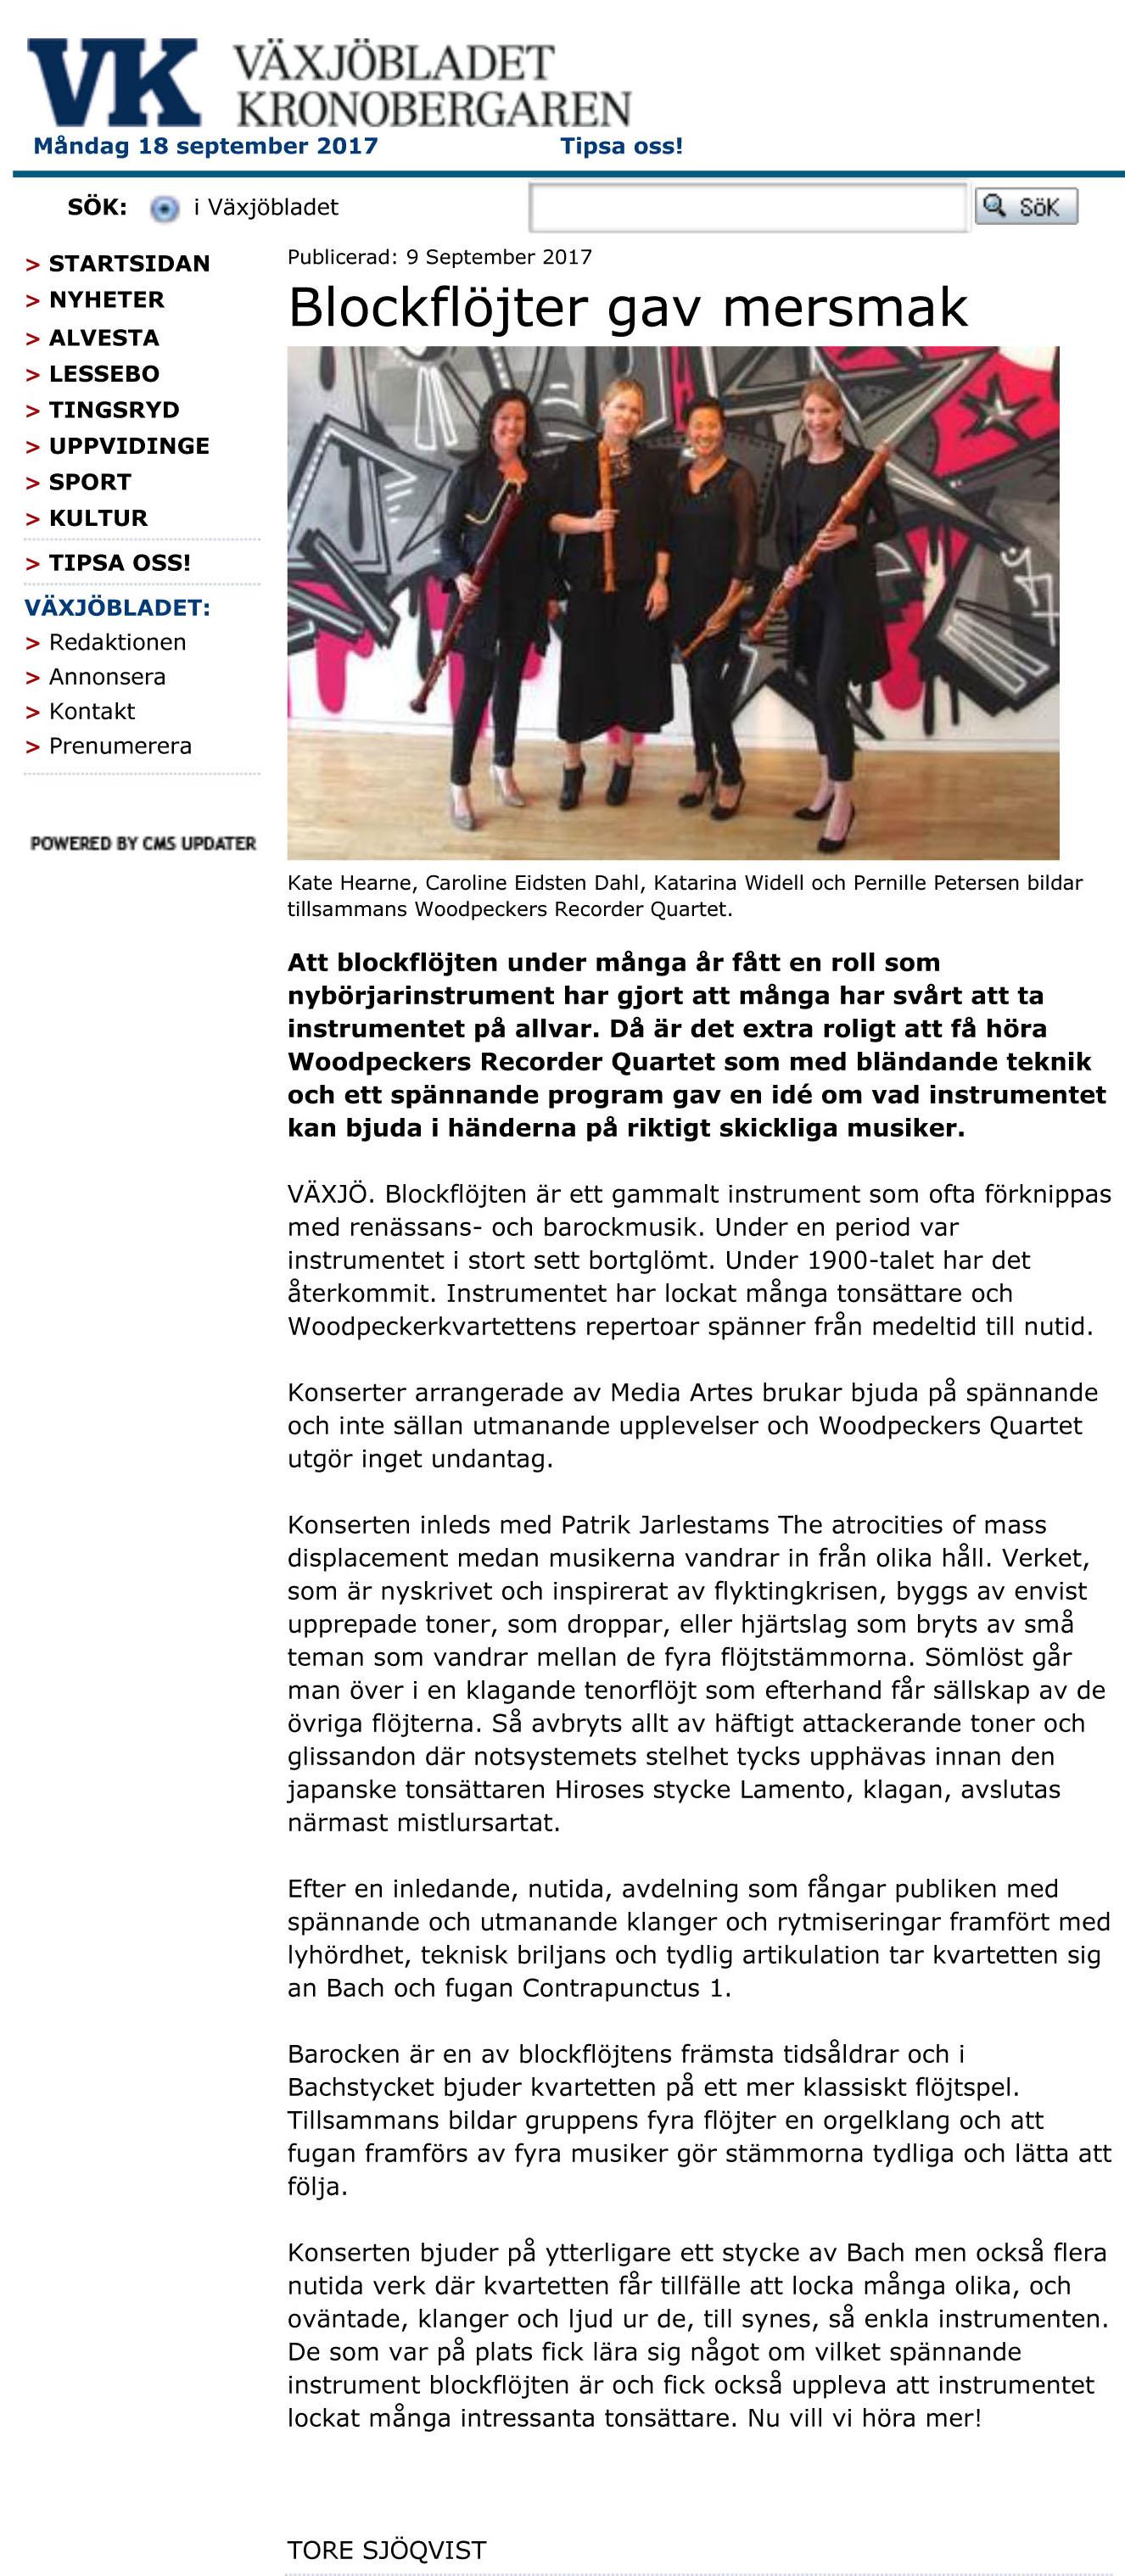 Växjöbladet Kronobergaren